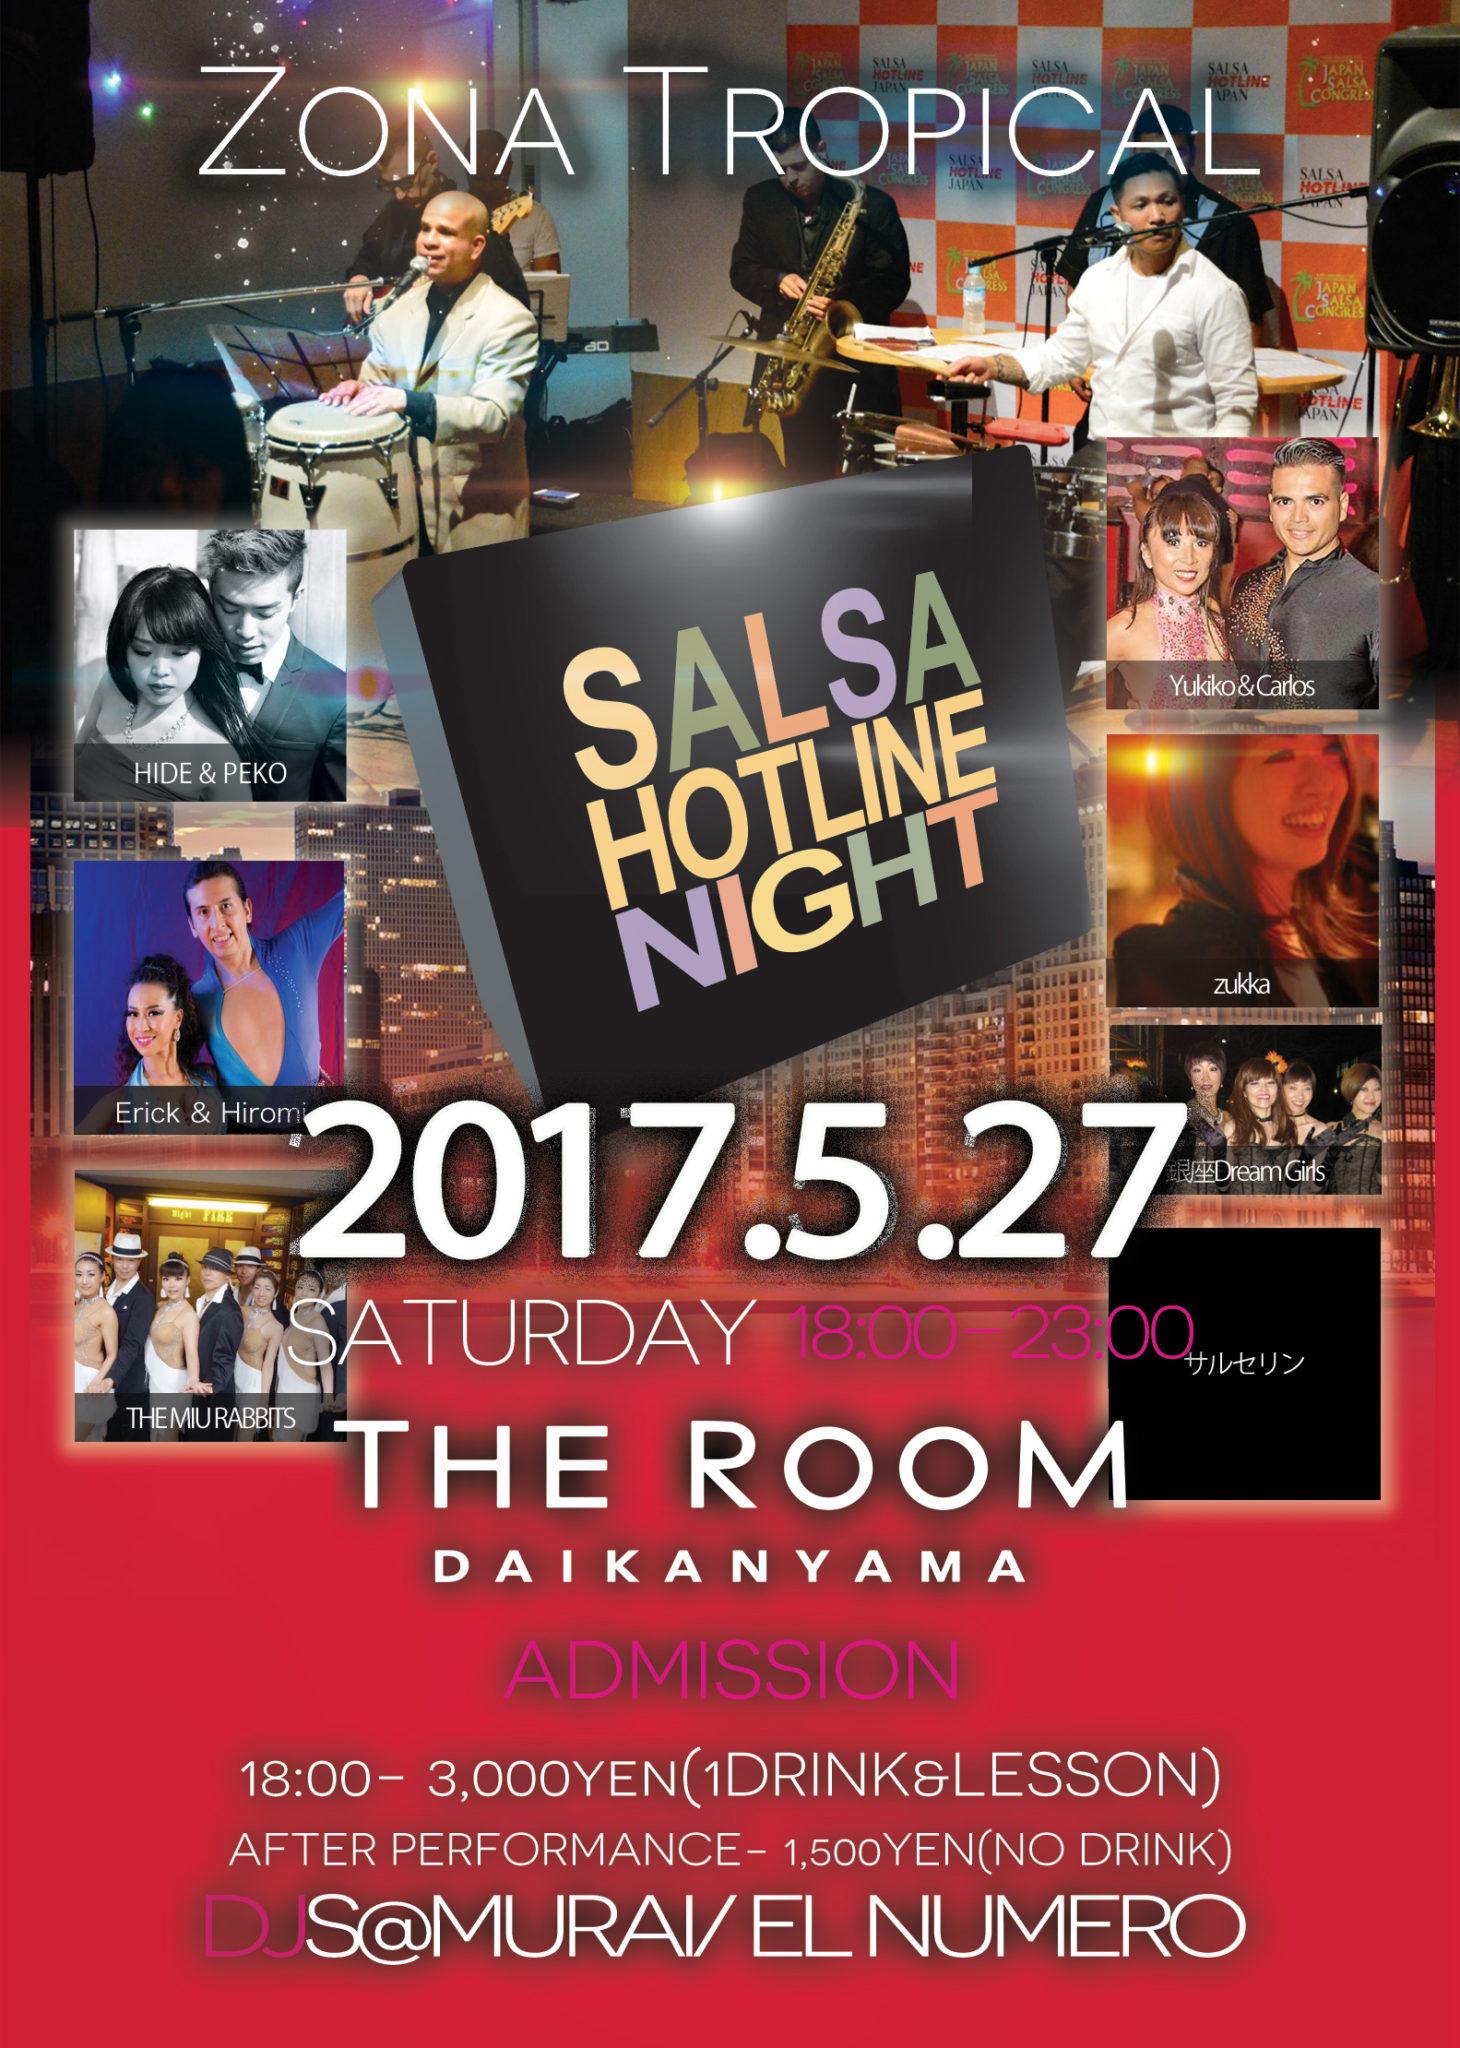 第230回 Salsa Hotline Night(サルホナイト) 【お得な早割あり!】【Live】Zona Tropical 【PF】銀座Dream Girls,THE MIU RABBITS,サルセリン,Yukiko & Carlos